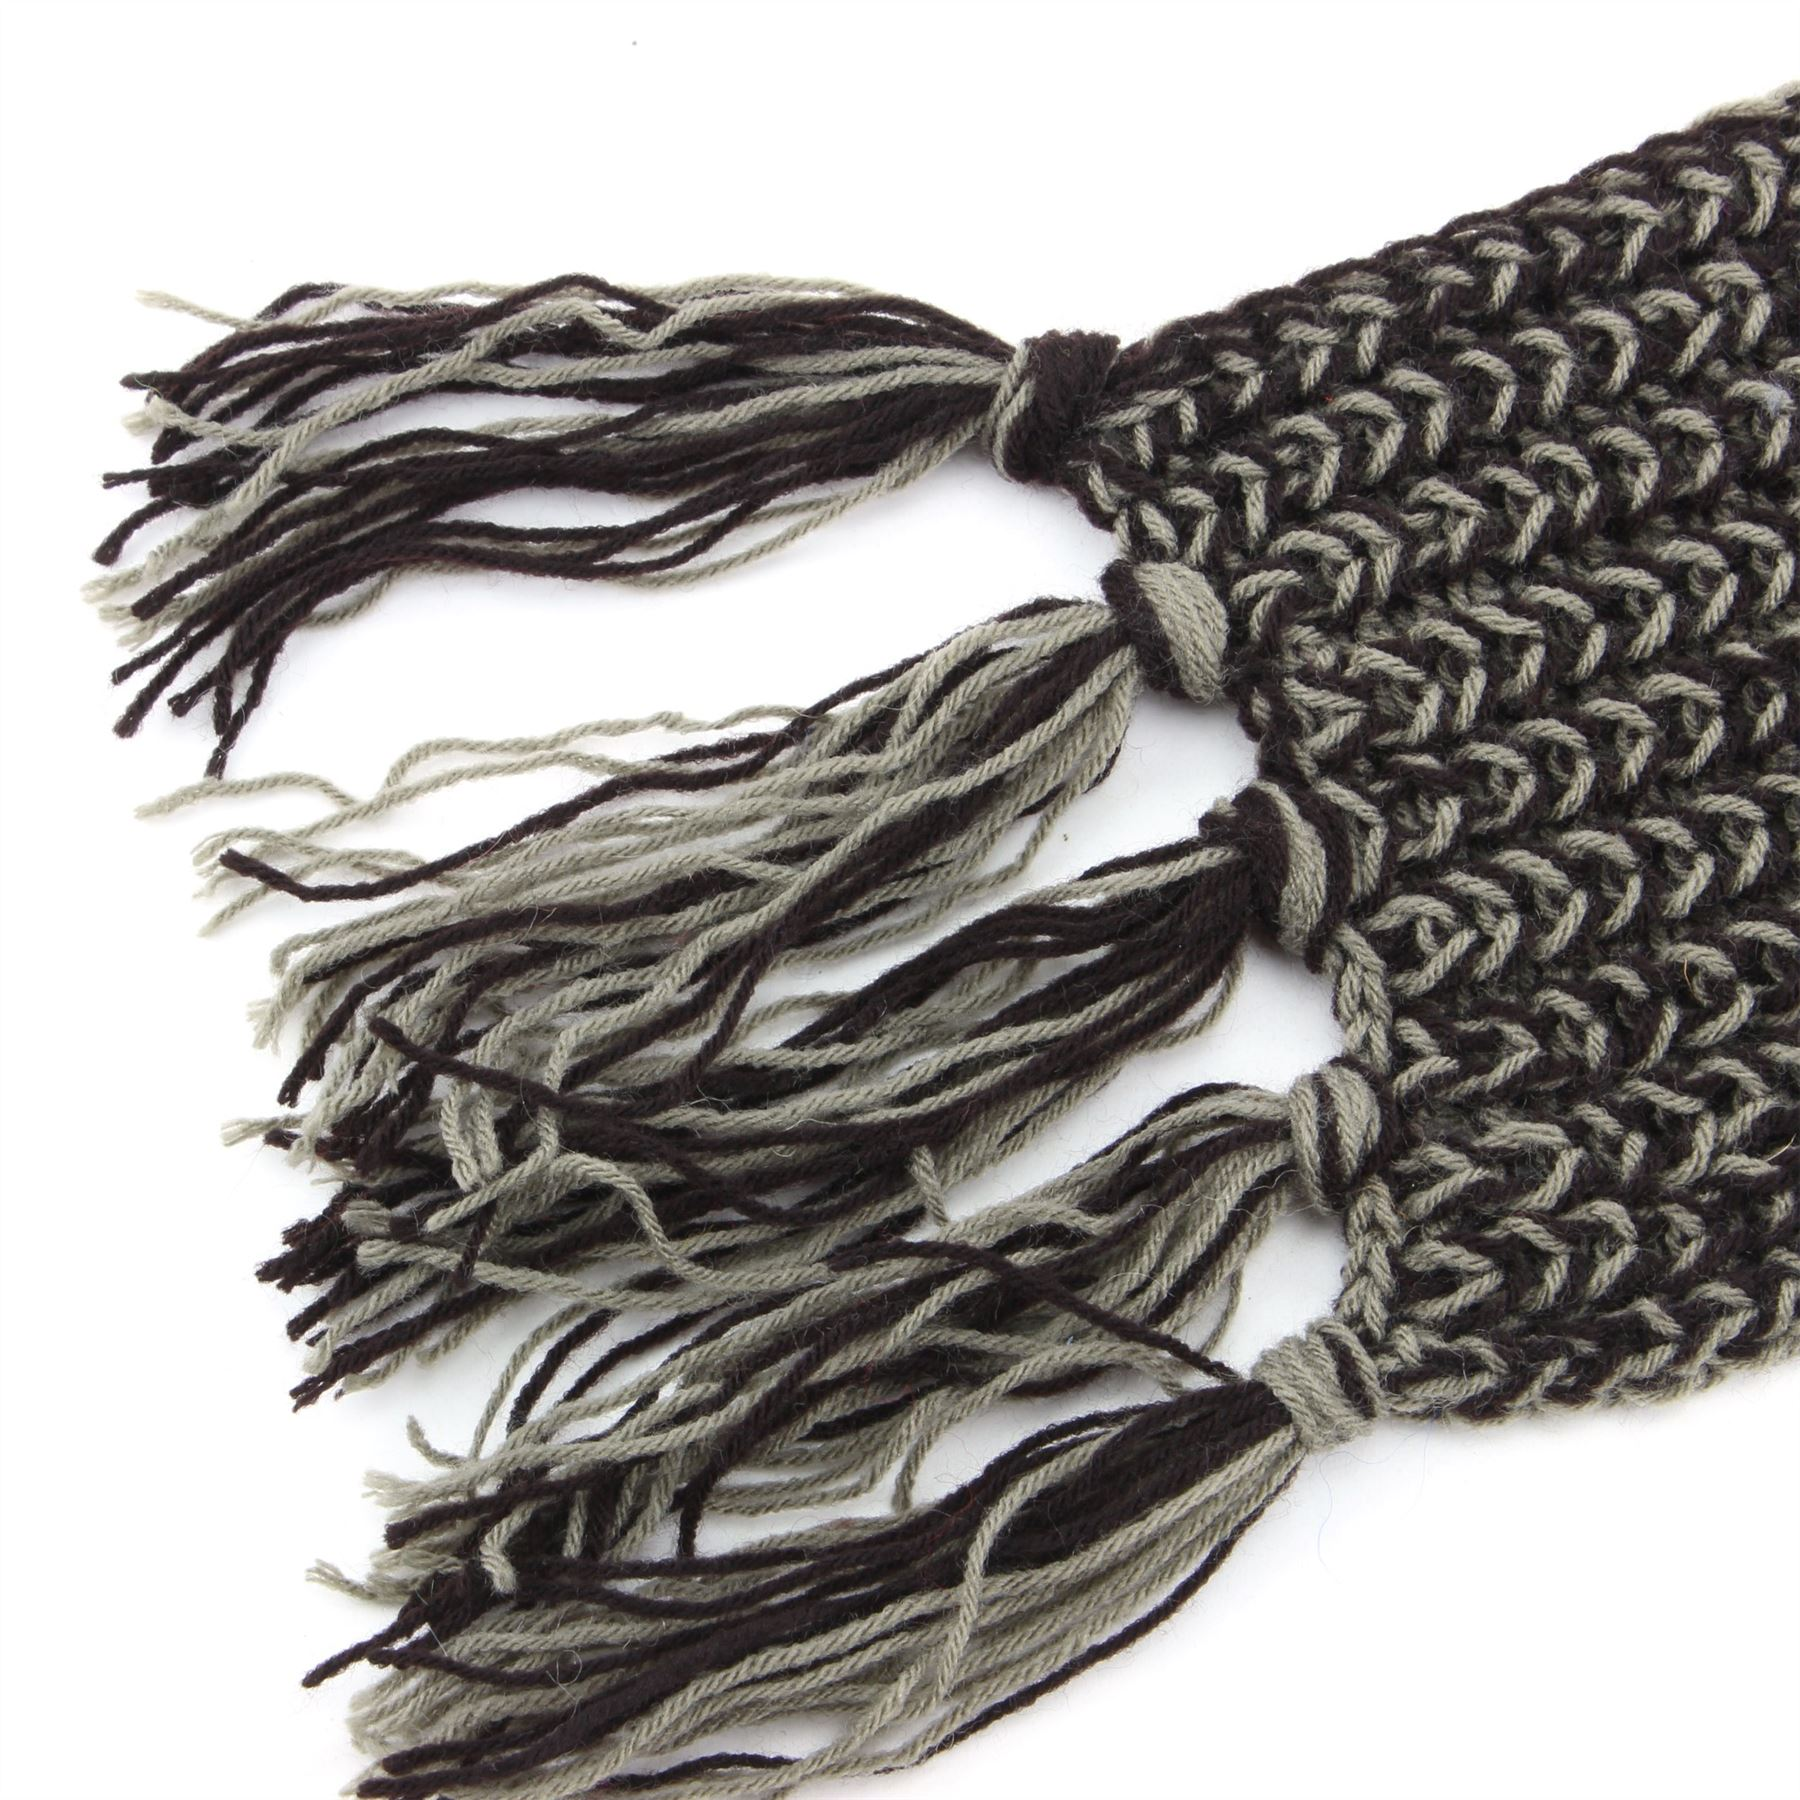 Sciarpa acrilico lavorato a maglia a trama grossa Nappe Lunga A Maglia Caldo Inverno Colore Scialle